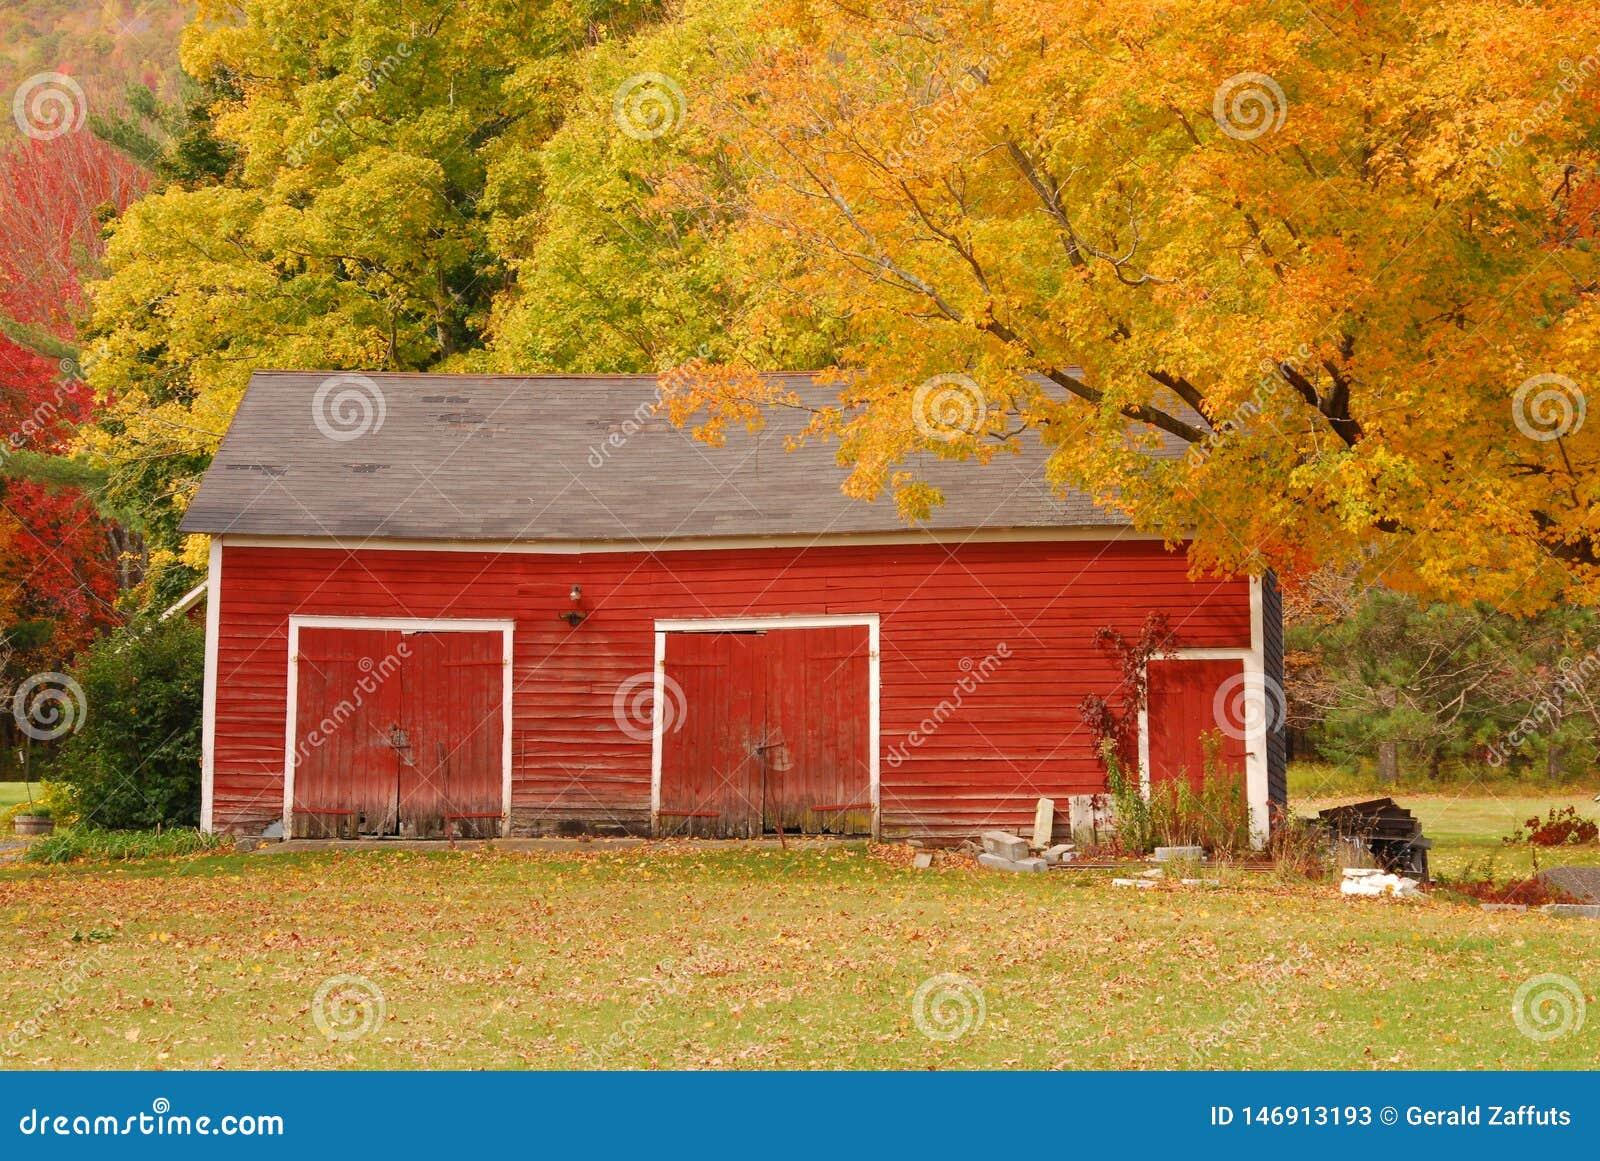 Granaio rosso della Nuova Inghilterra in autunno con le foglie variopinte